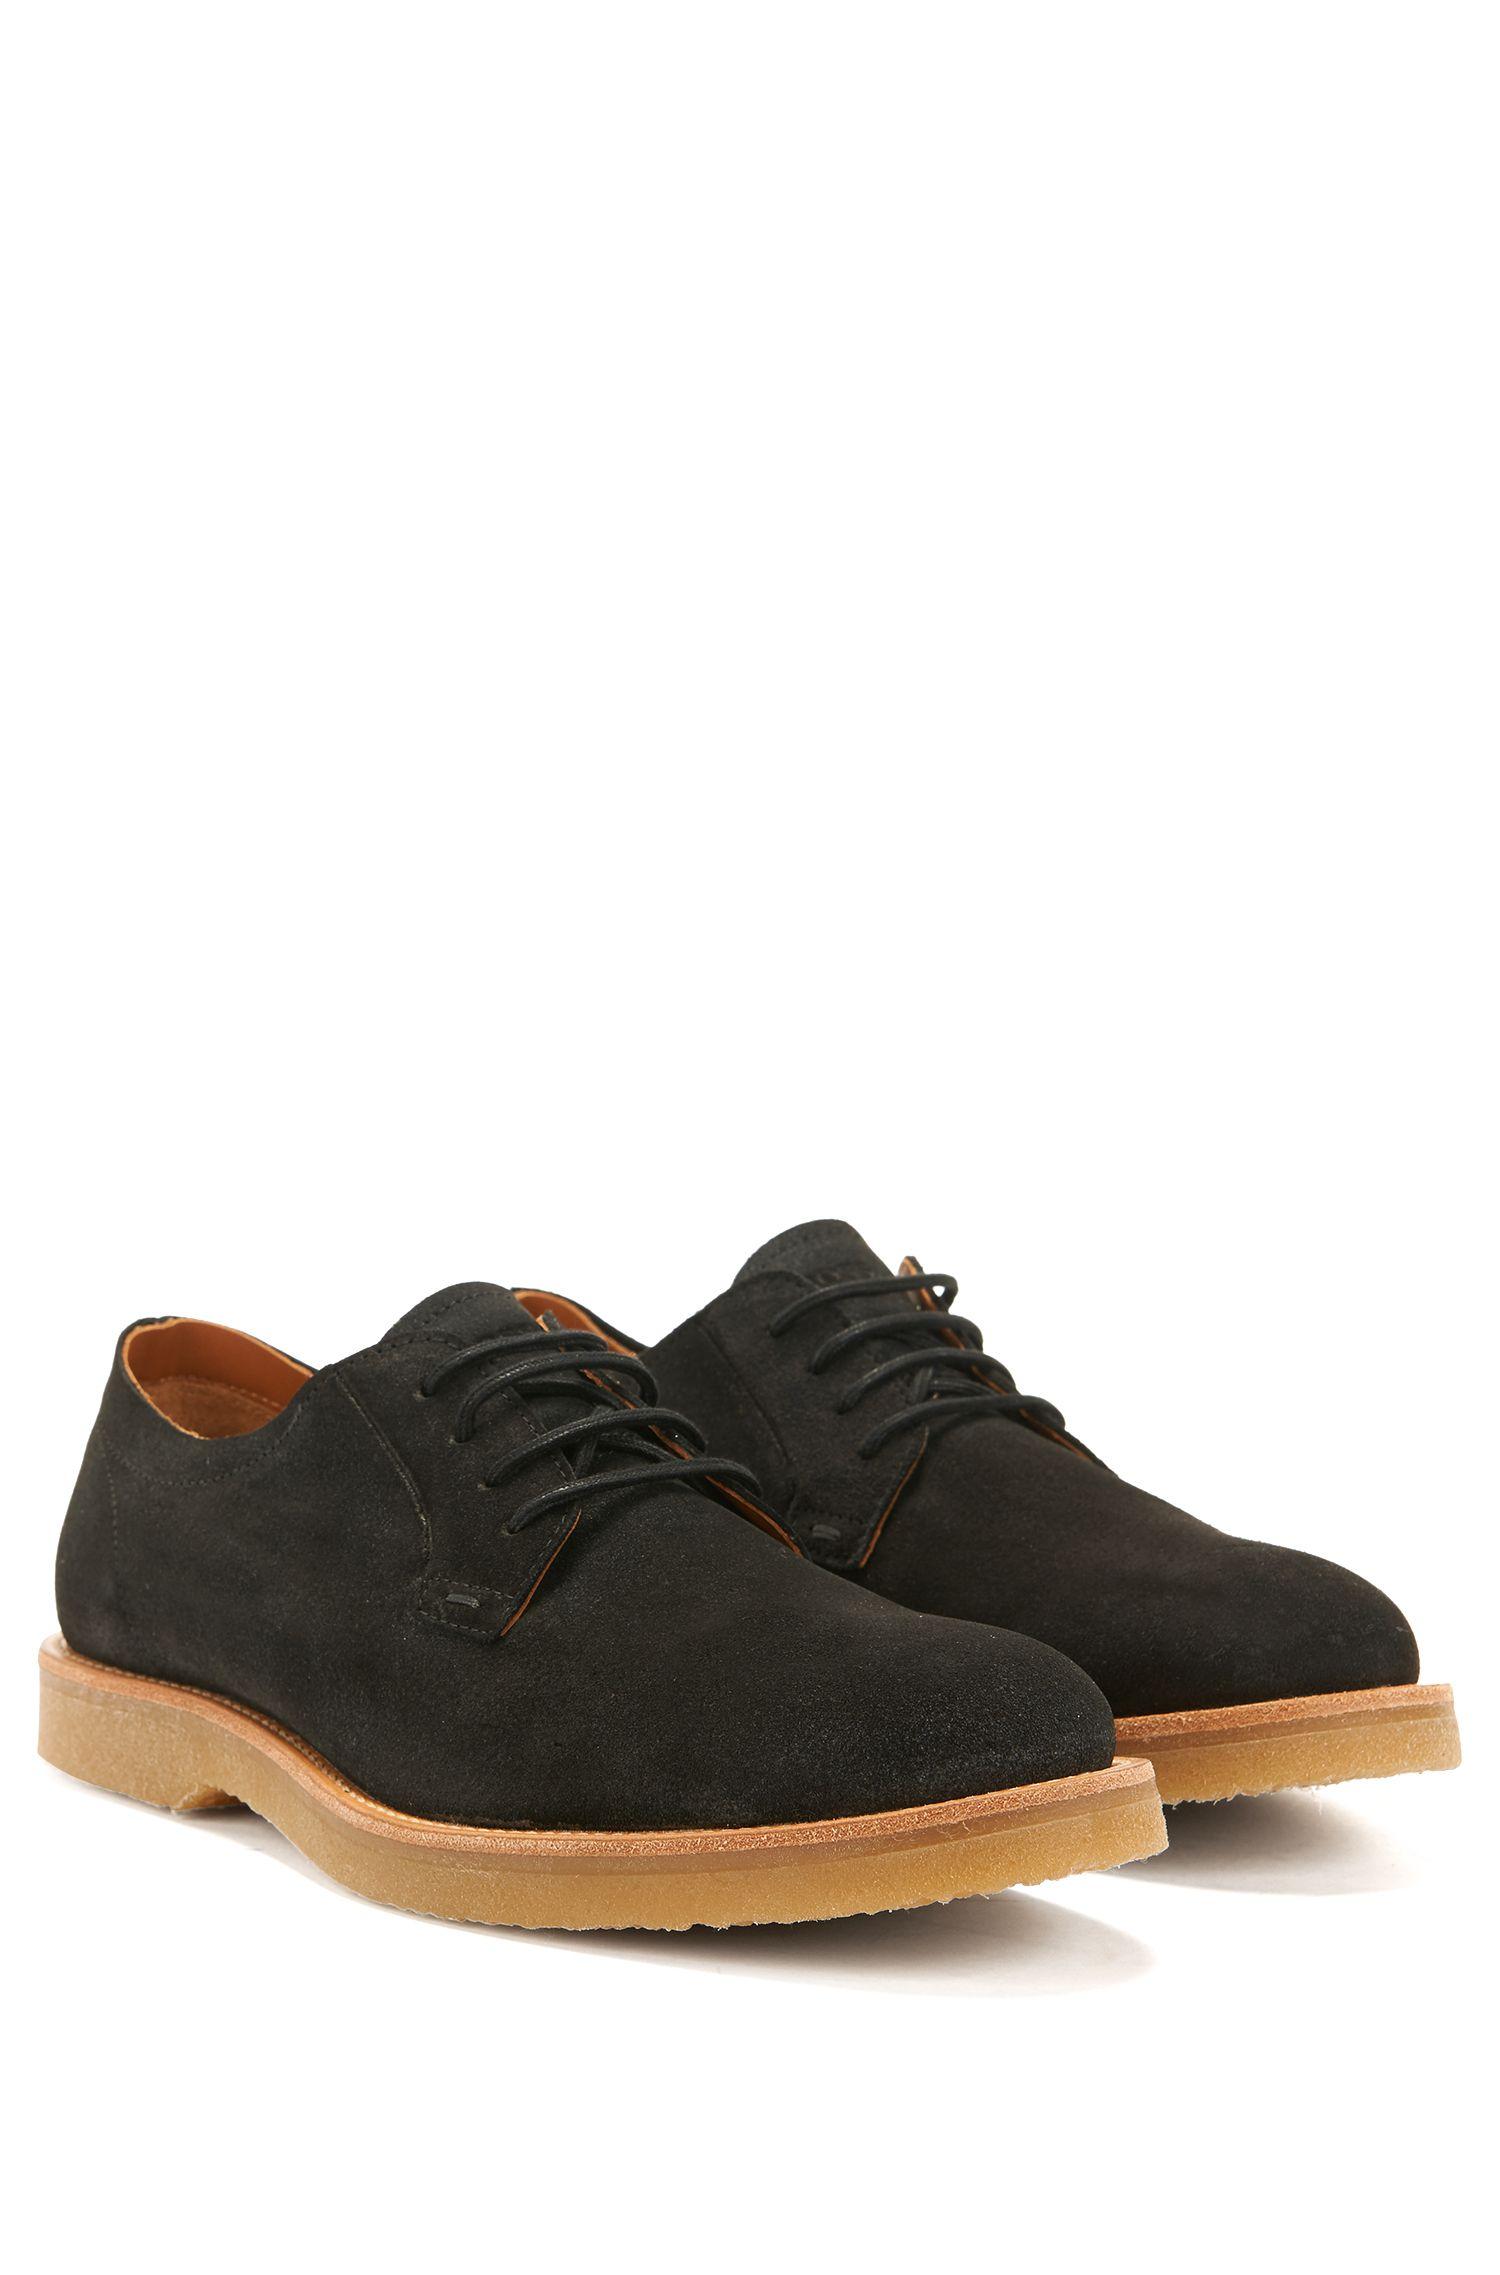 Chaussures derby à lacets en daim avec semelle gomme195.00BOSS